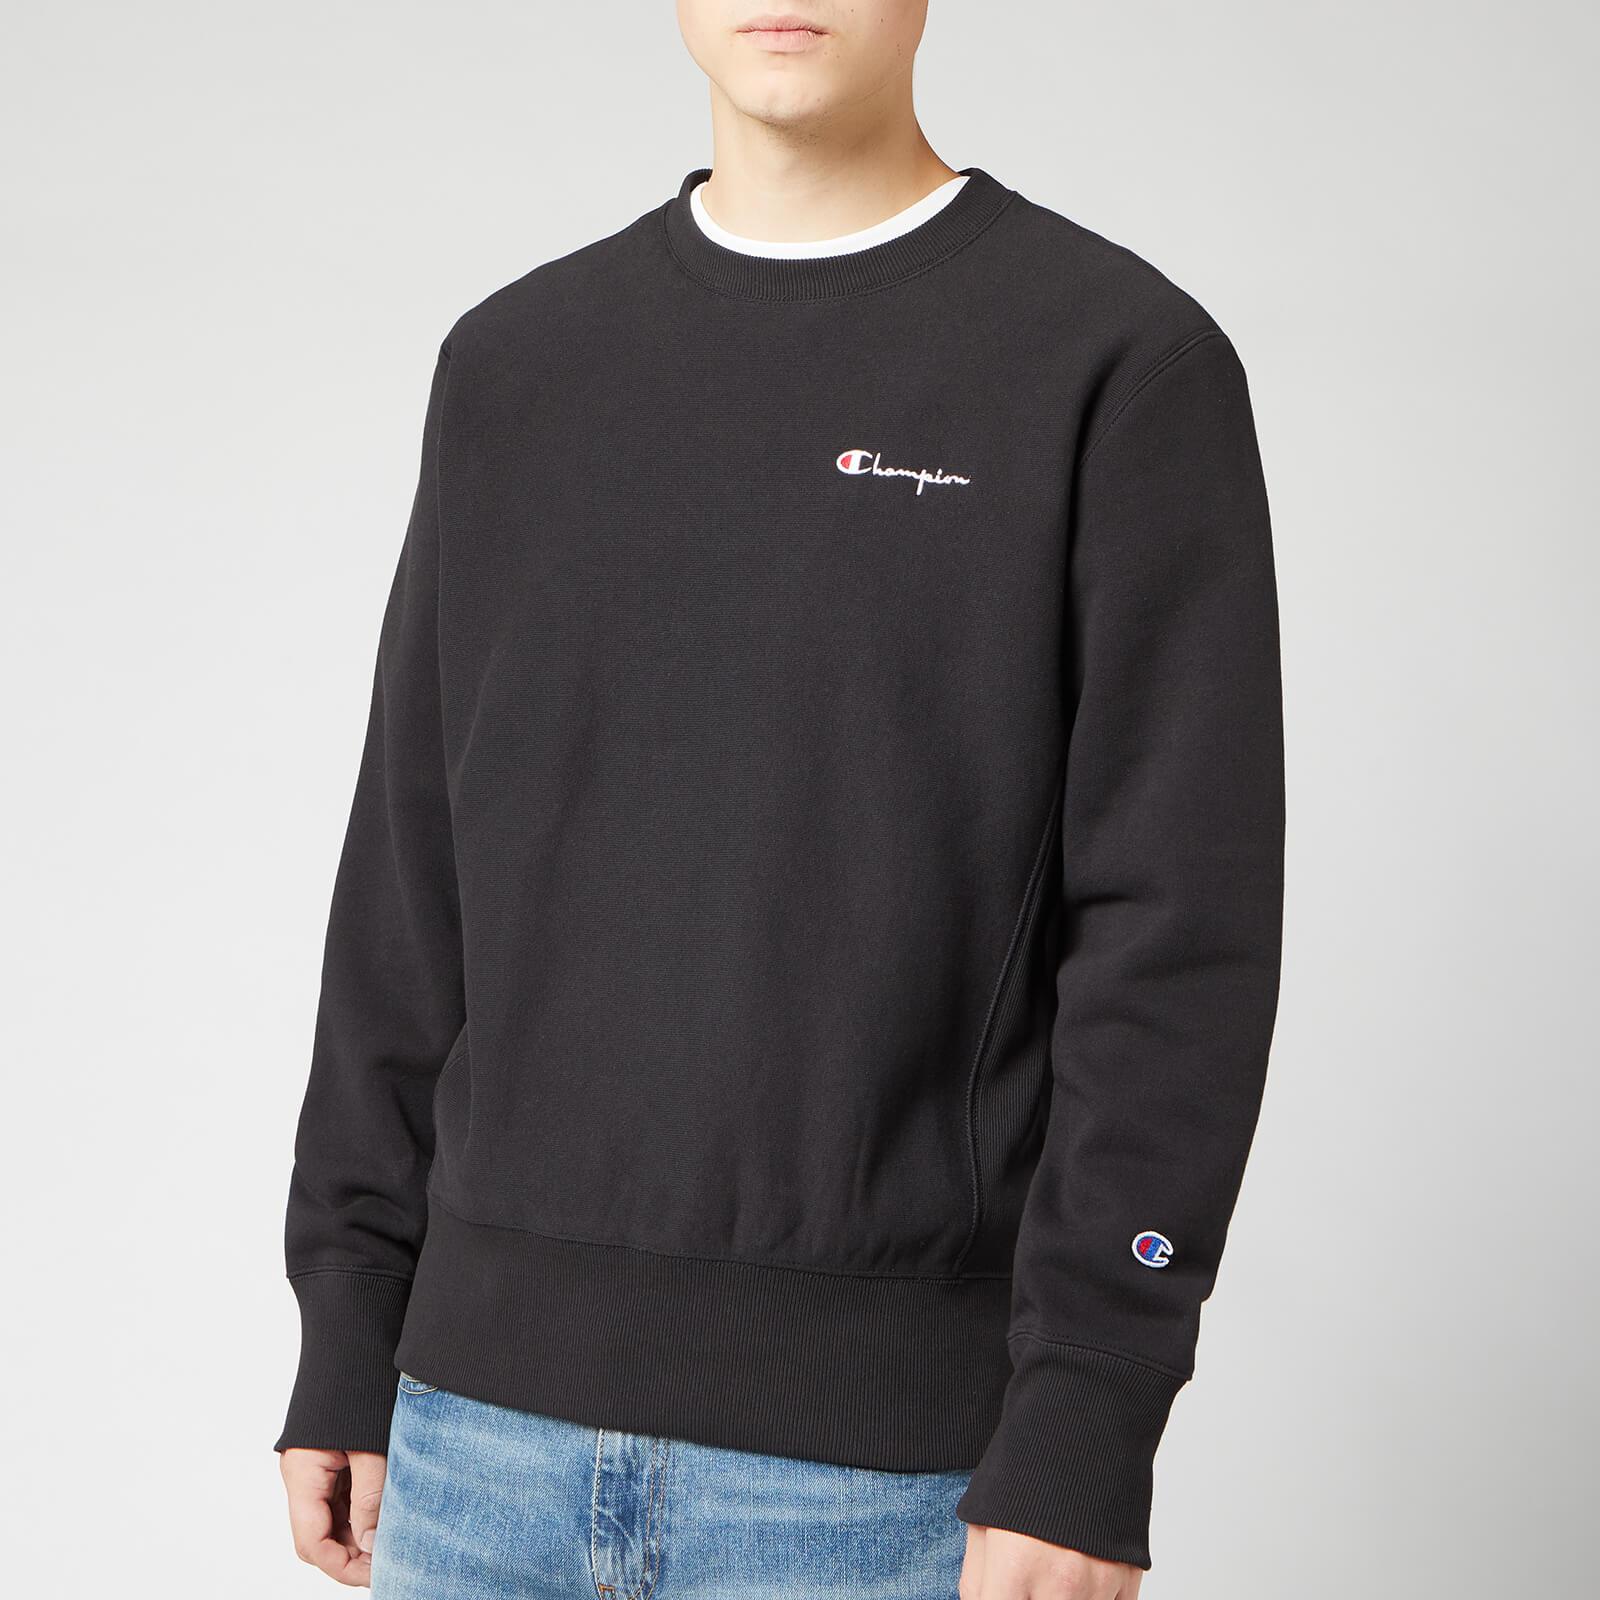 Champion Men's Small Script Sweatshirt - Black - XXL